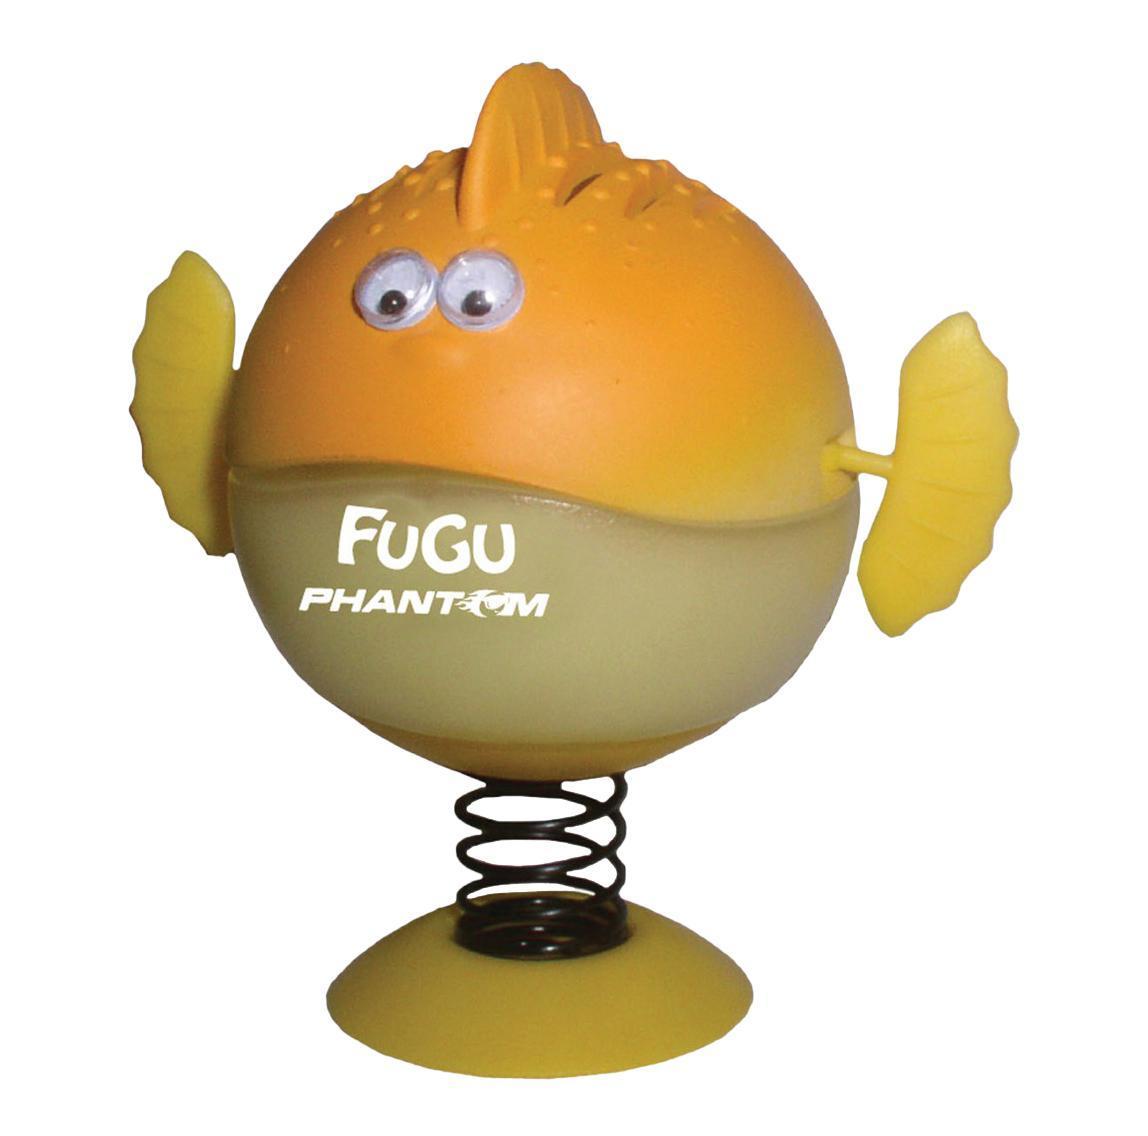 Ароматизатор Fugu ЛимонALLDRIVE 501Ароматизатор Fugu Лимон выполнен в виде рыбки. Благодаря своей уникальной конструкции (корпус ароматизатора закреплен на основании с помощью пружины), рыбка при движении покачивается из стороны в сторону. Носитель аромата - гелевый картридж - исключает возможность протекания! Обеспечивает длительный и стойкий аромат. Боковые покачивающиеся плавники создадут веселую атмосферу для Вашей поездки! Характеристики: Материал: искусственная кожа, отдушка, полипропилен. Диаметр рыбы: 5 см. Ароматизатор: гелевый картридж. Размер упаковки: 7,5 см х 6,5 см х 9 см. Производитель: США.